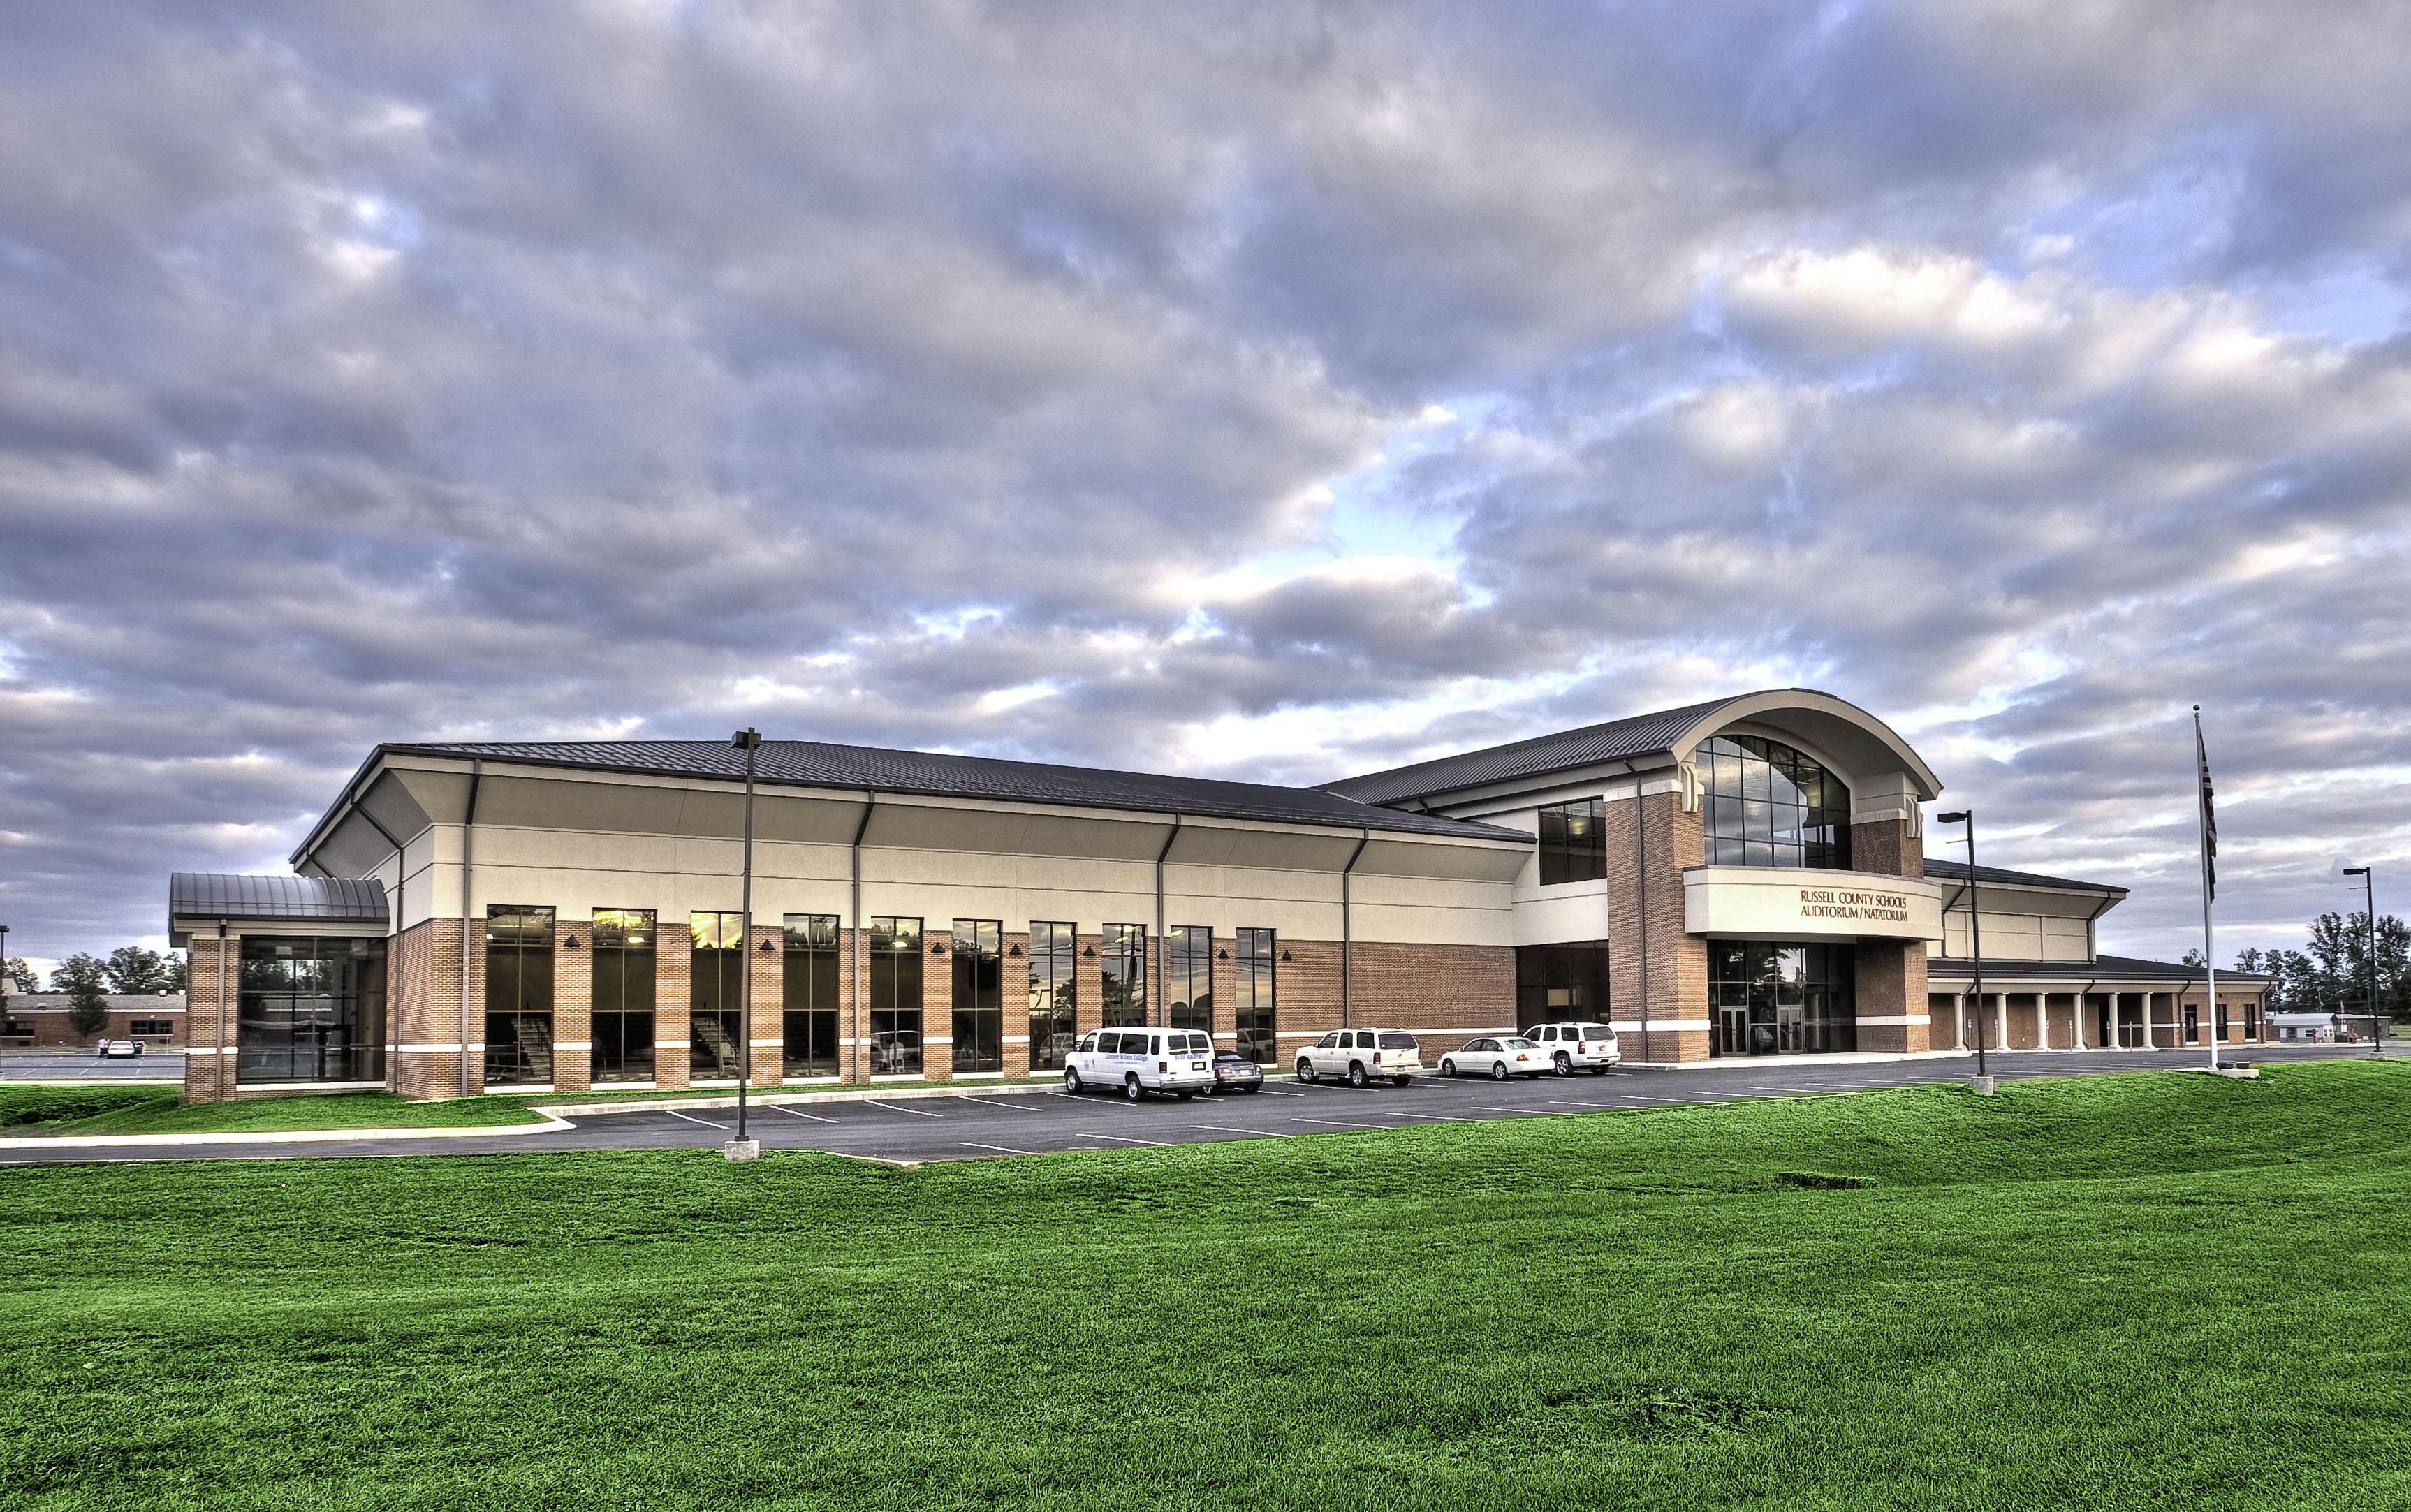 Russell County Auditorium Natatorium